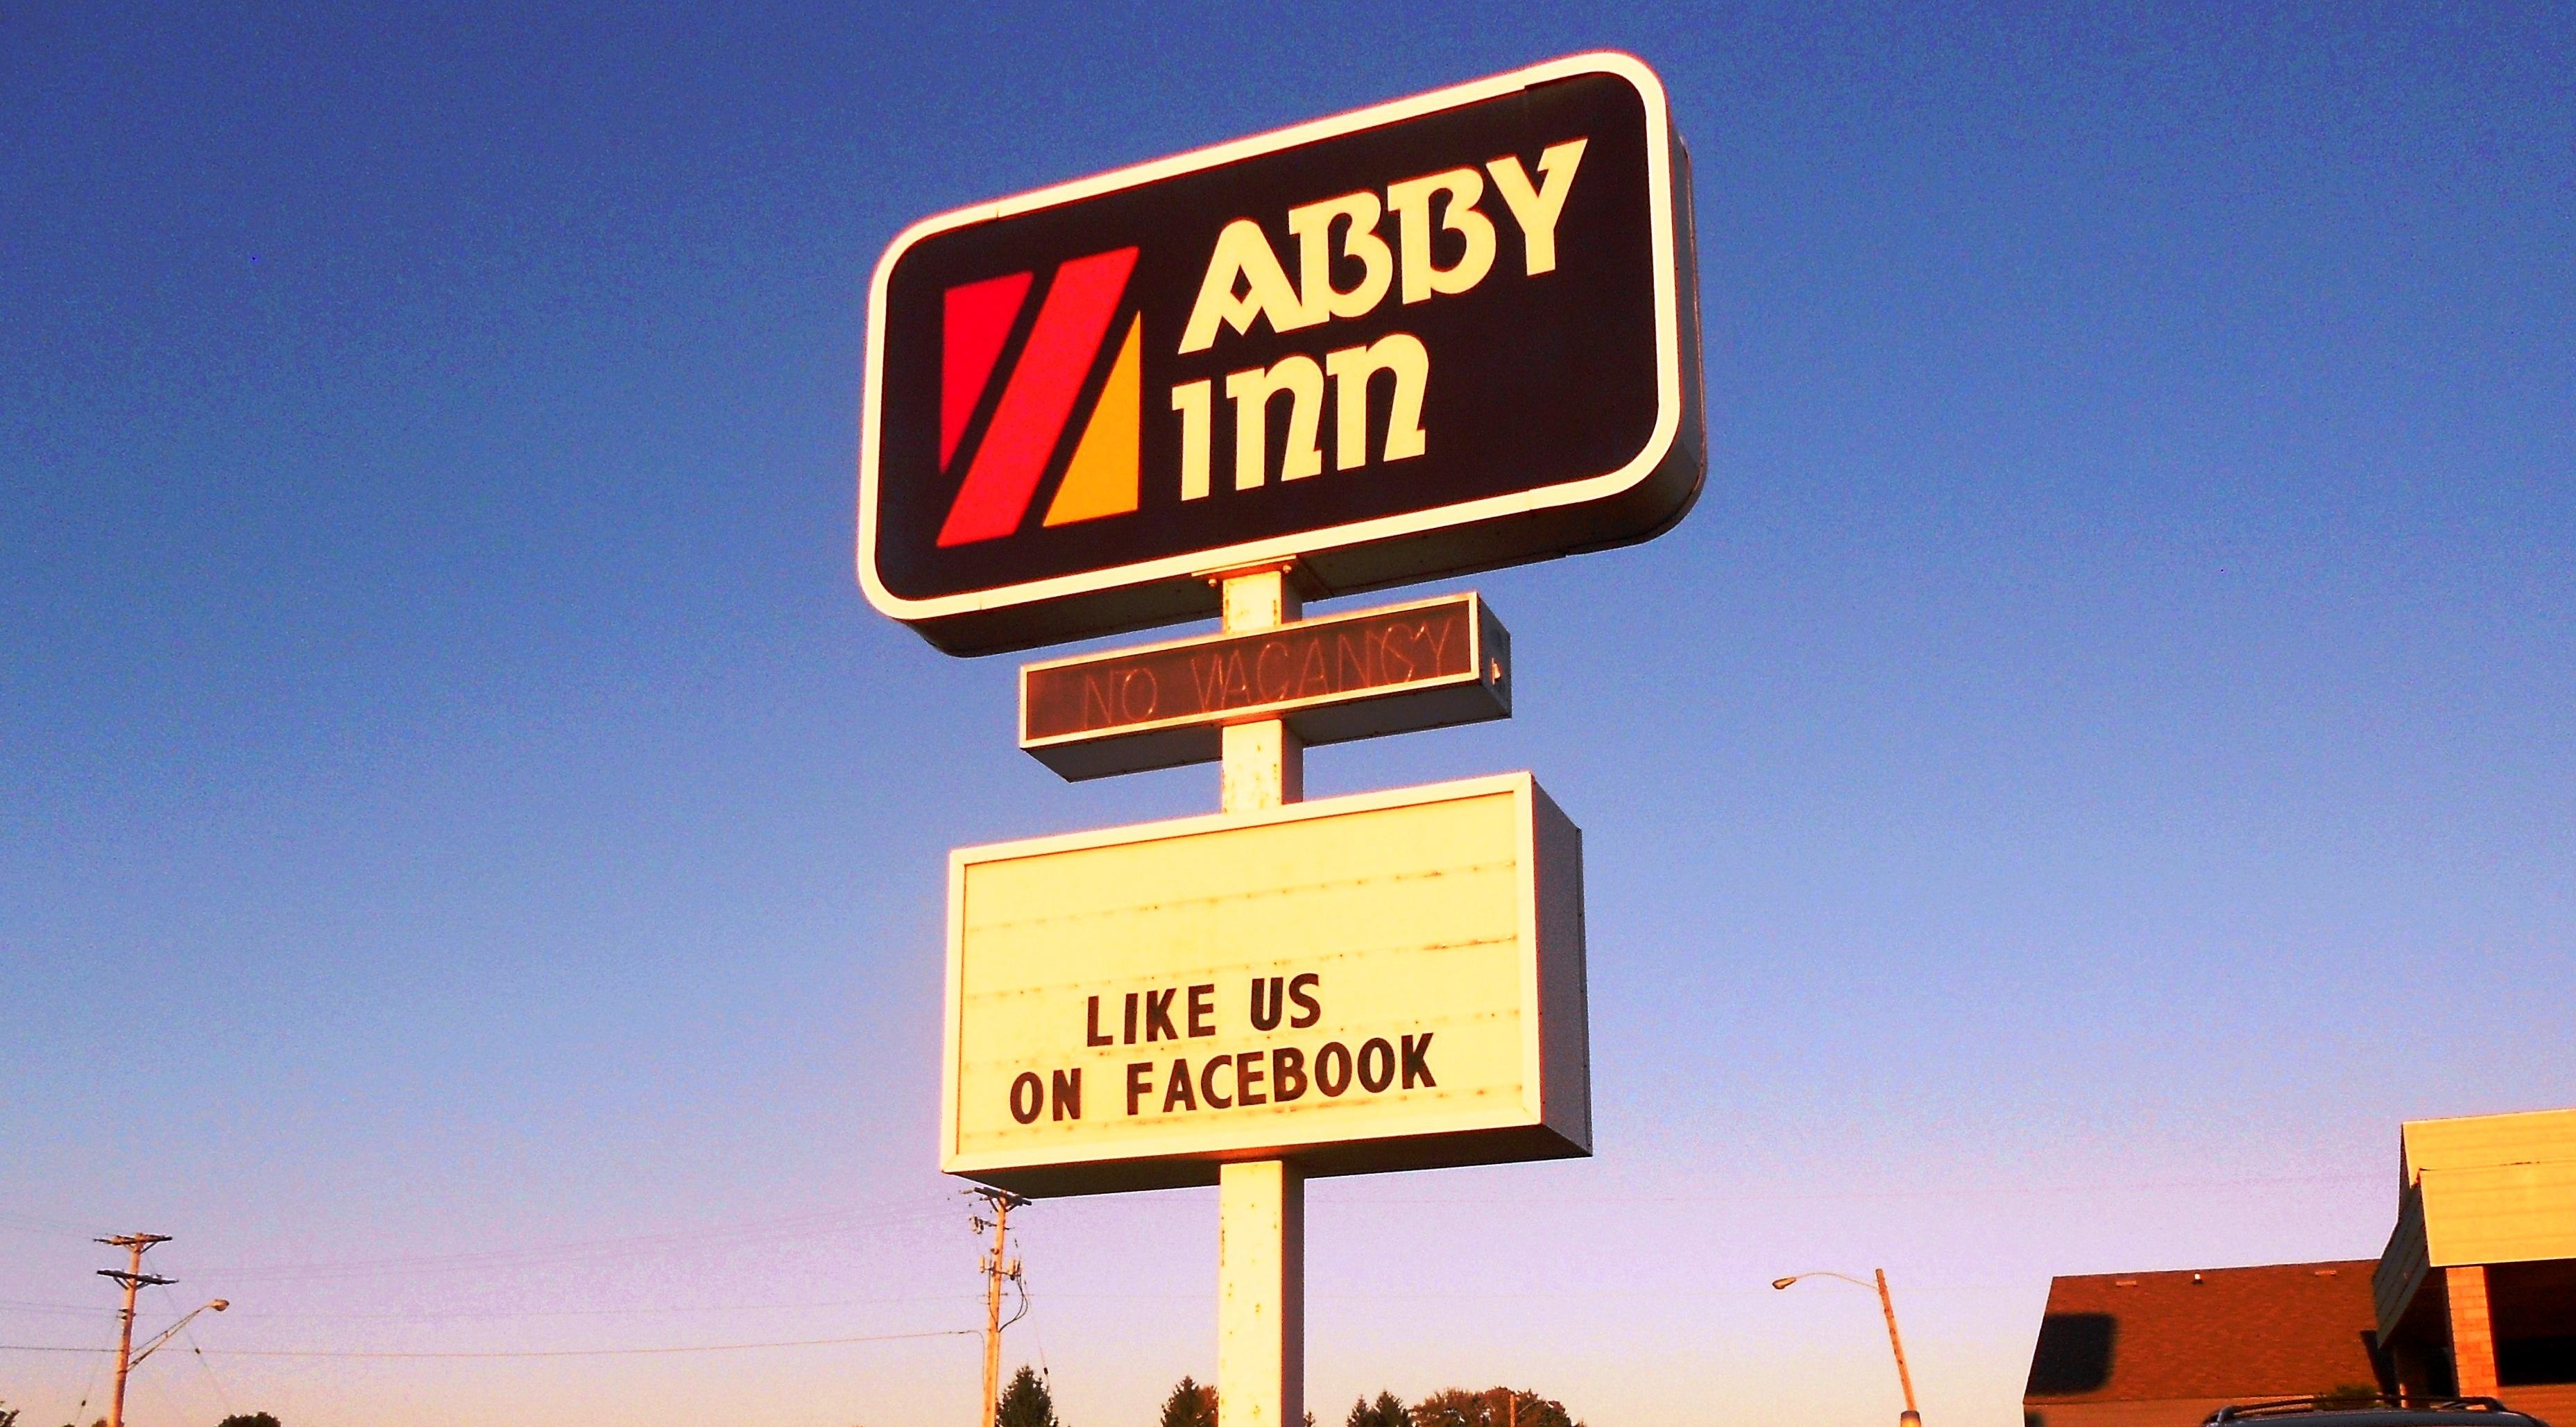 Abby Inn, Abbotsford WI